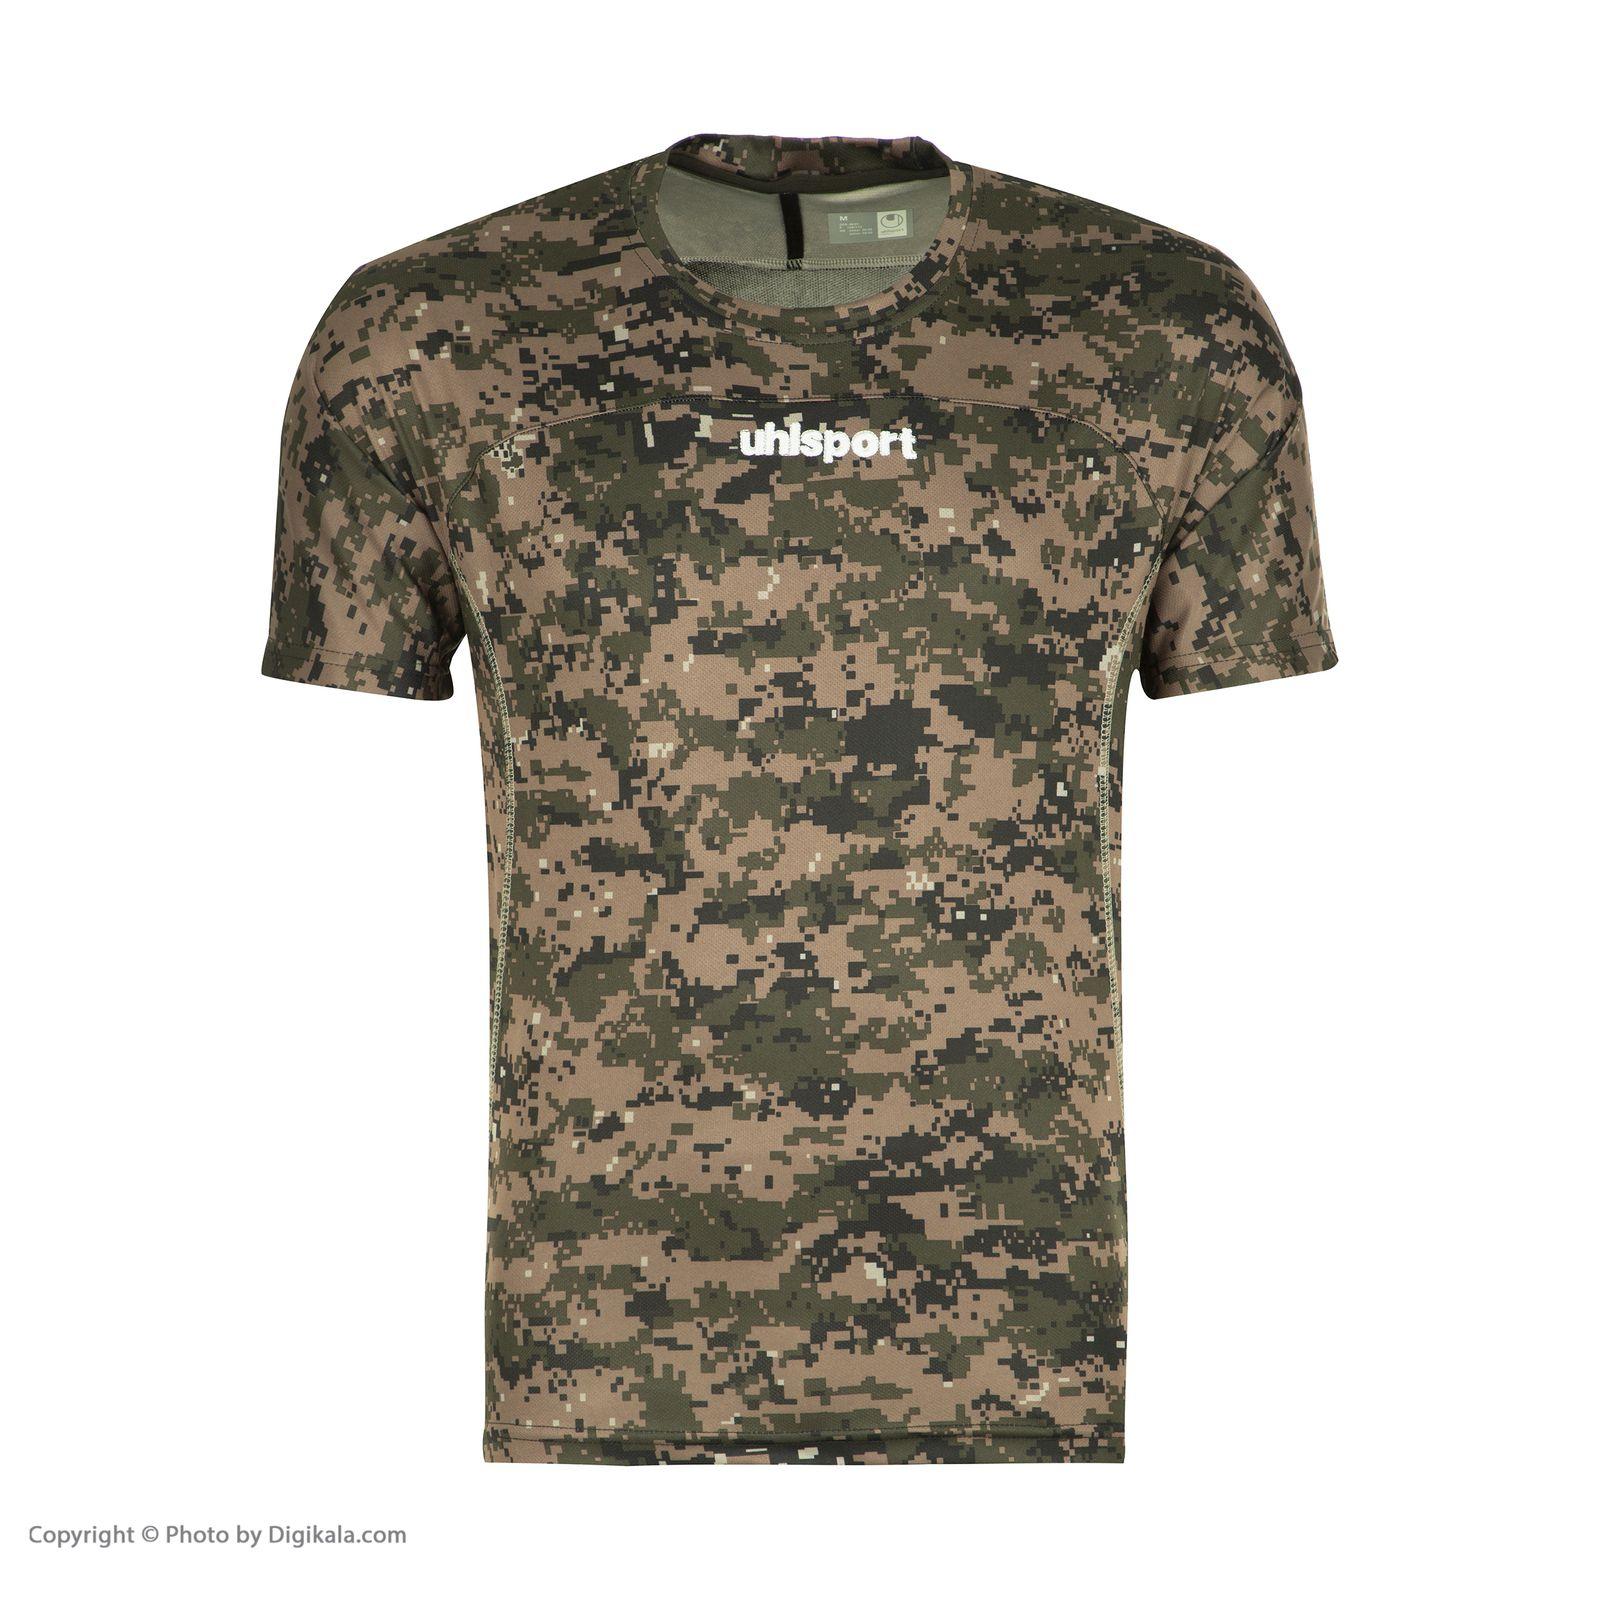 تصویر تی شرت ورزشی مردانه آلشپرت مدل MUH378-001